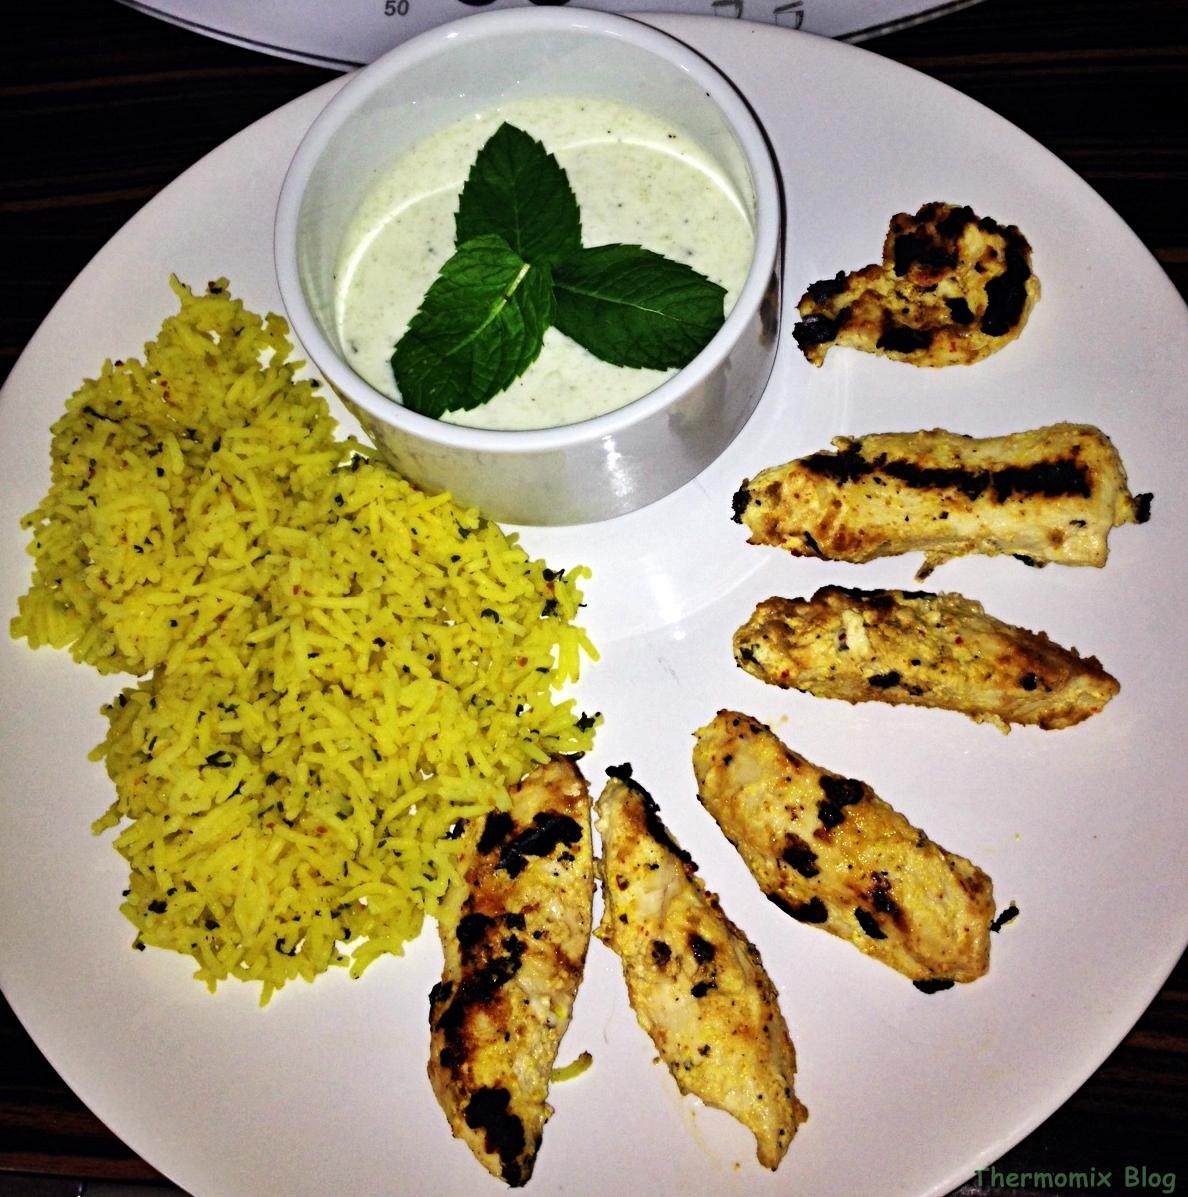 Fűszeres joghurtos csirkemell, kurkumás rizzsel, mentás joghurttal